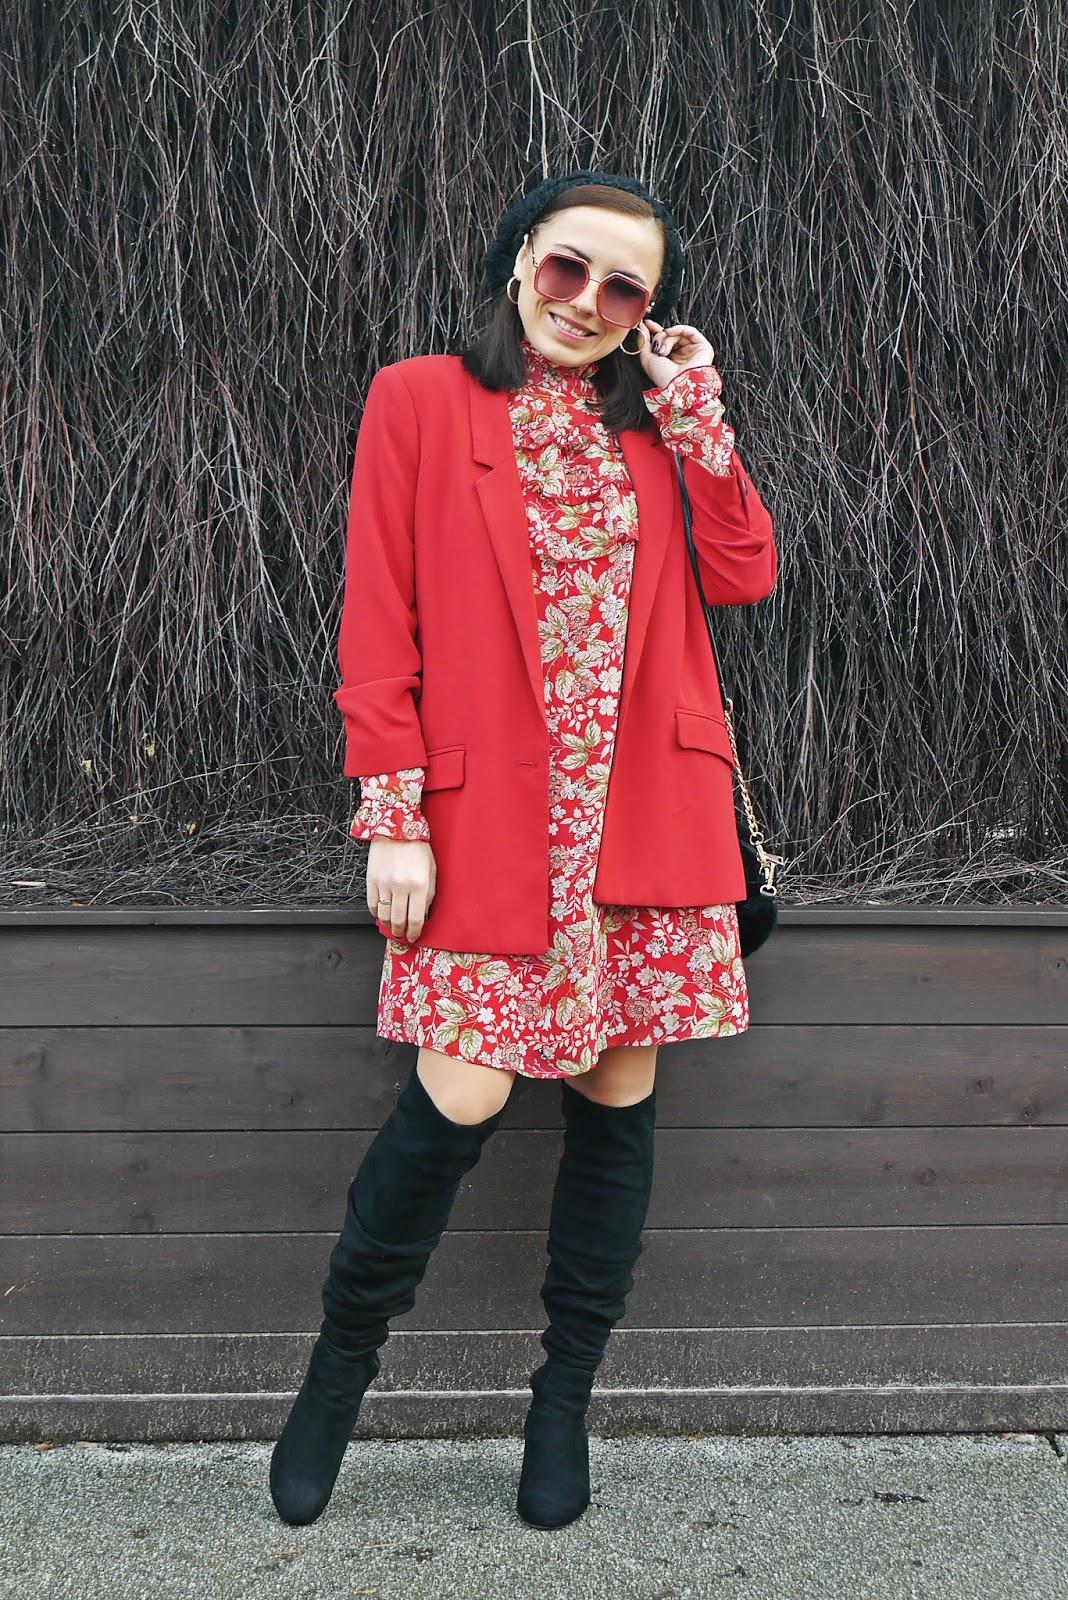 6_czerwona_szyfonowa_sukienka_w_kwiaty_bonprix_czarne_kozaki_za_kolano_renee_beret_okulary_karyn_blog_modowy_stylizacja_blogerka_modowa_pulawy_150120